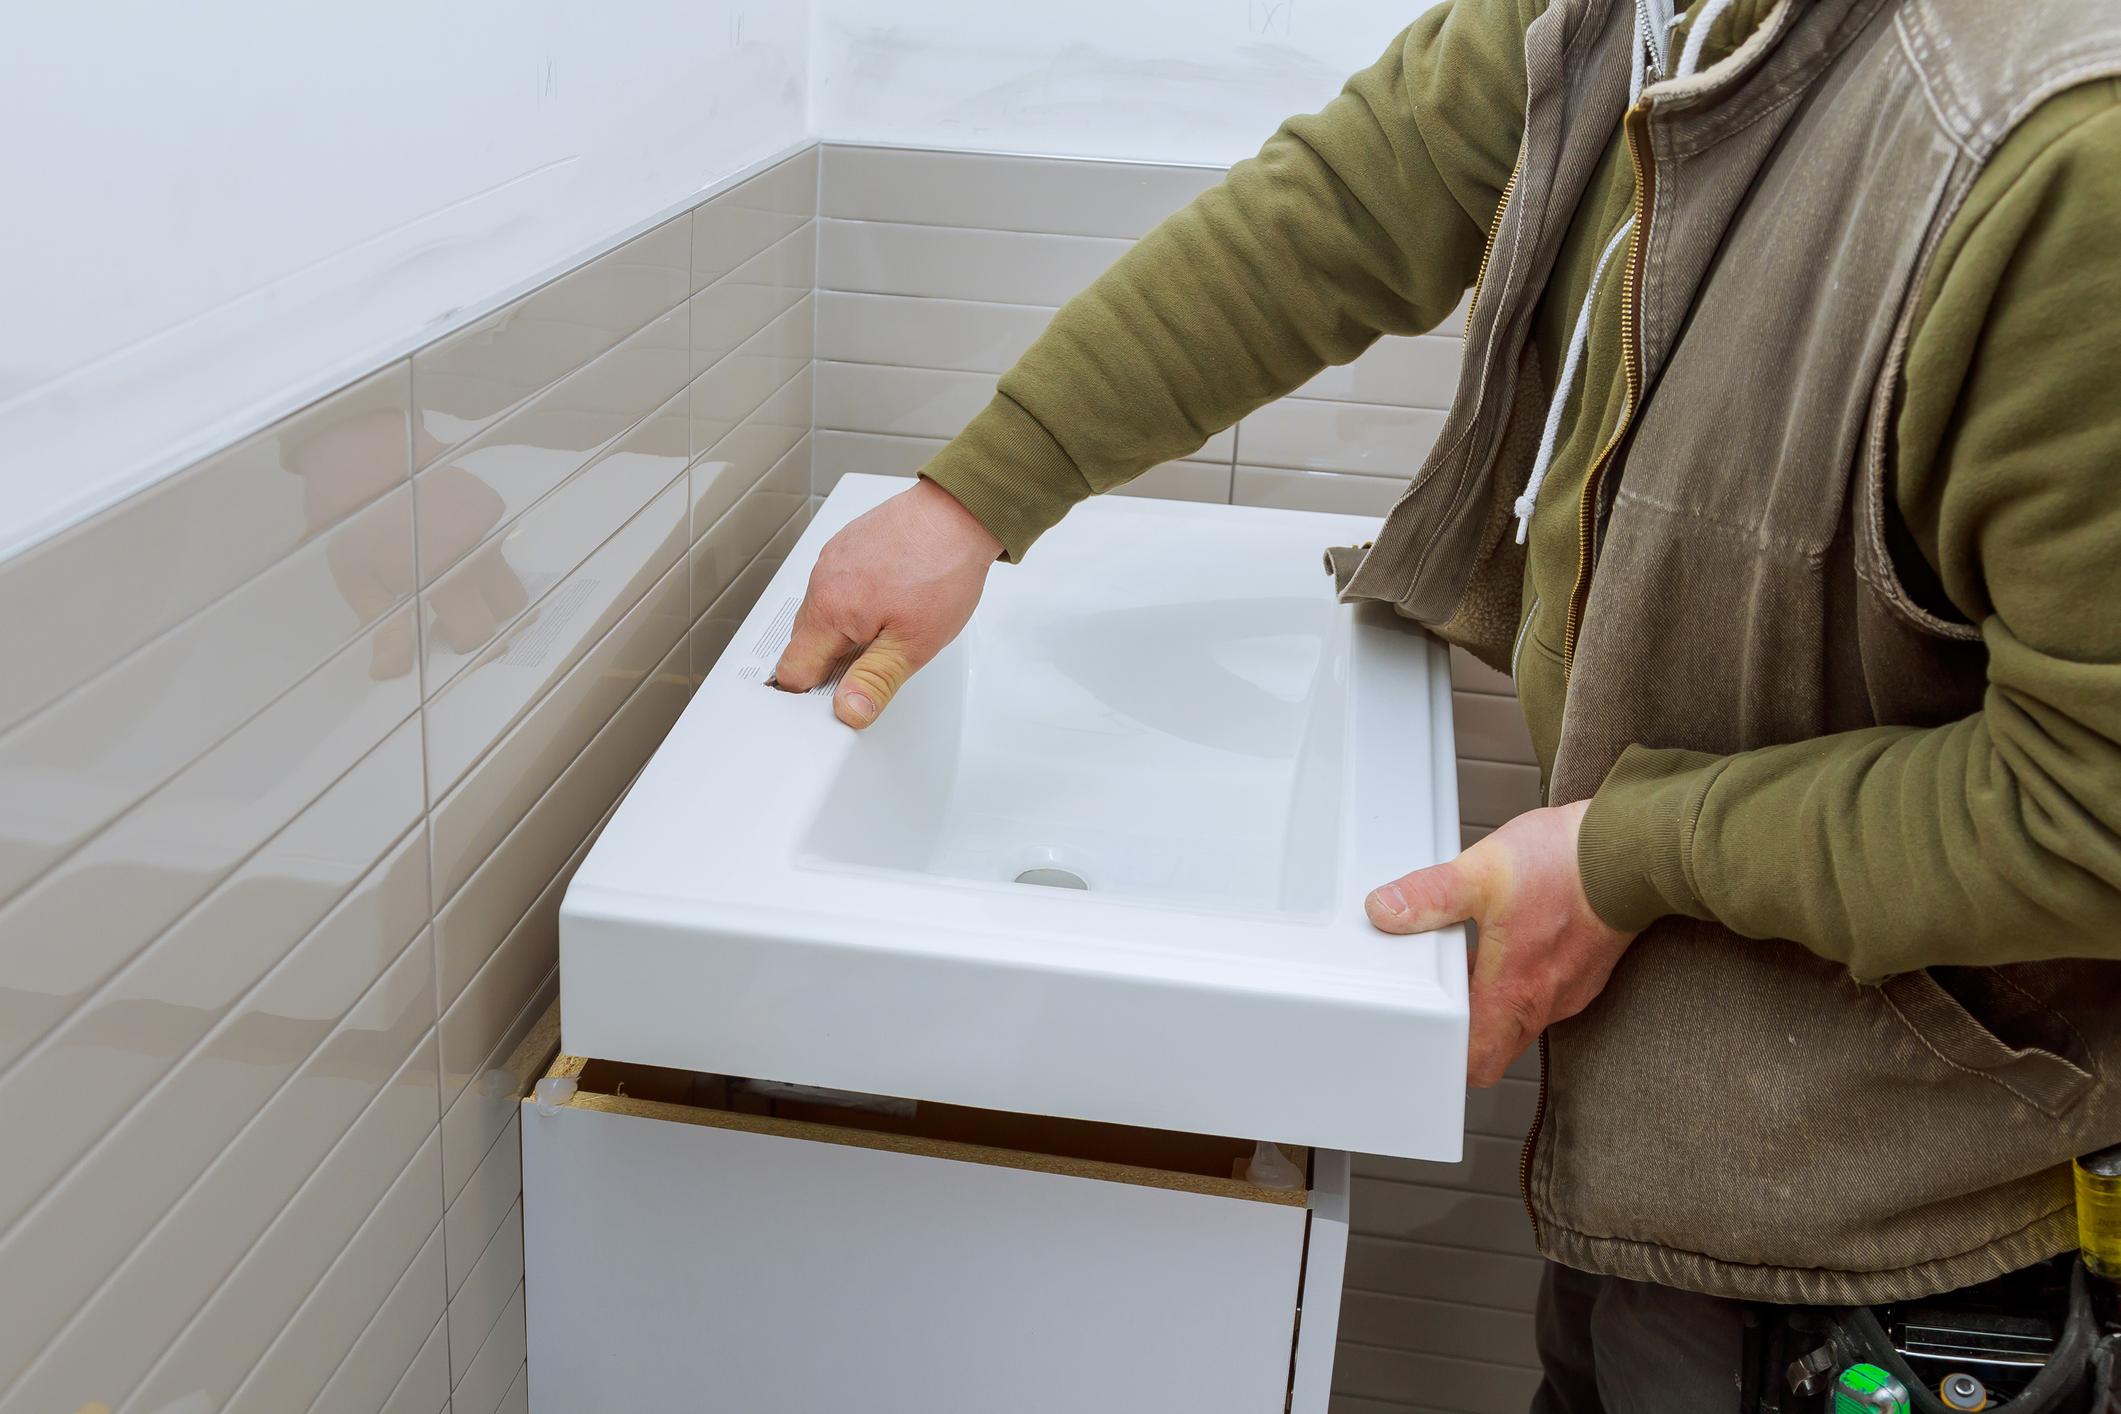 Co zaliczamy do instalacji sanitarnych?